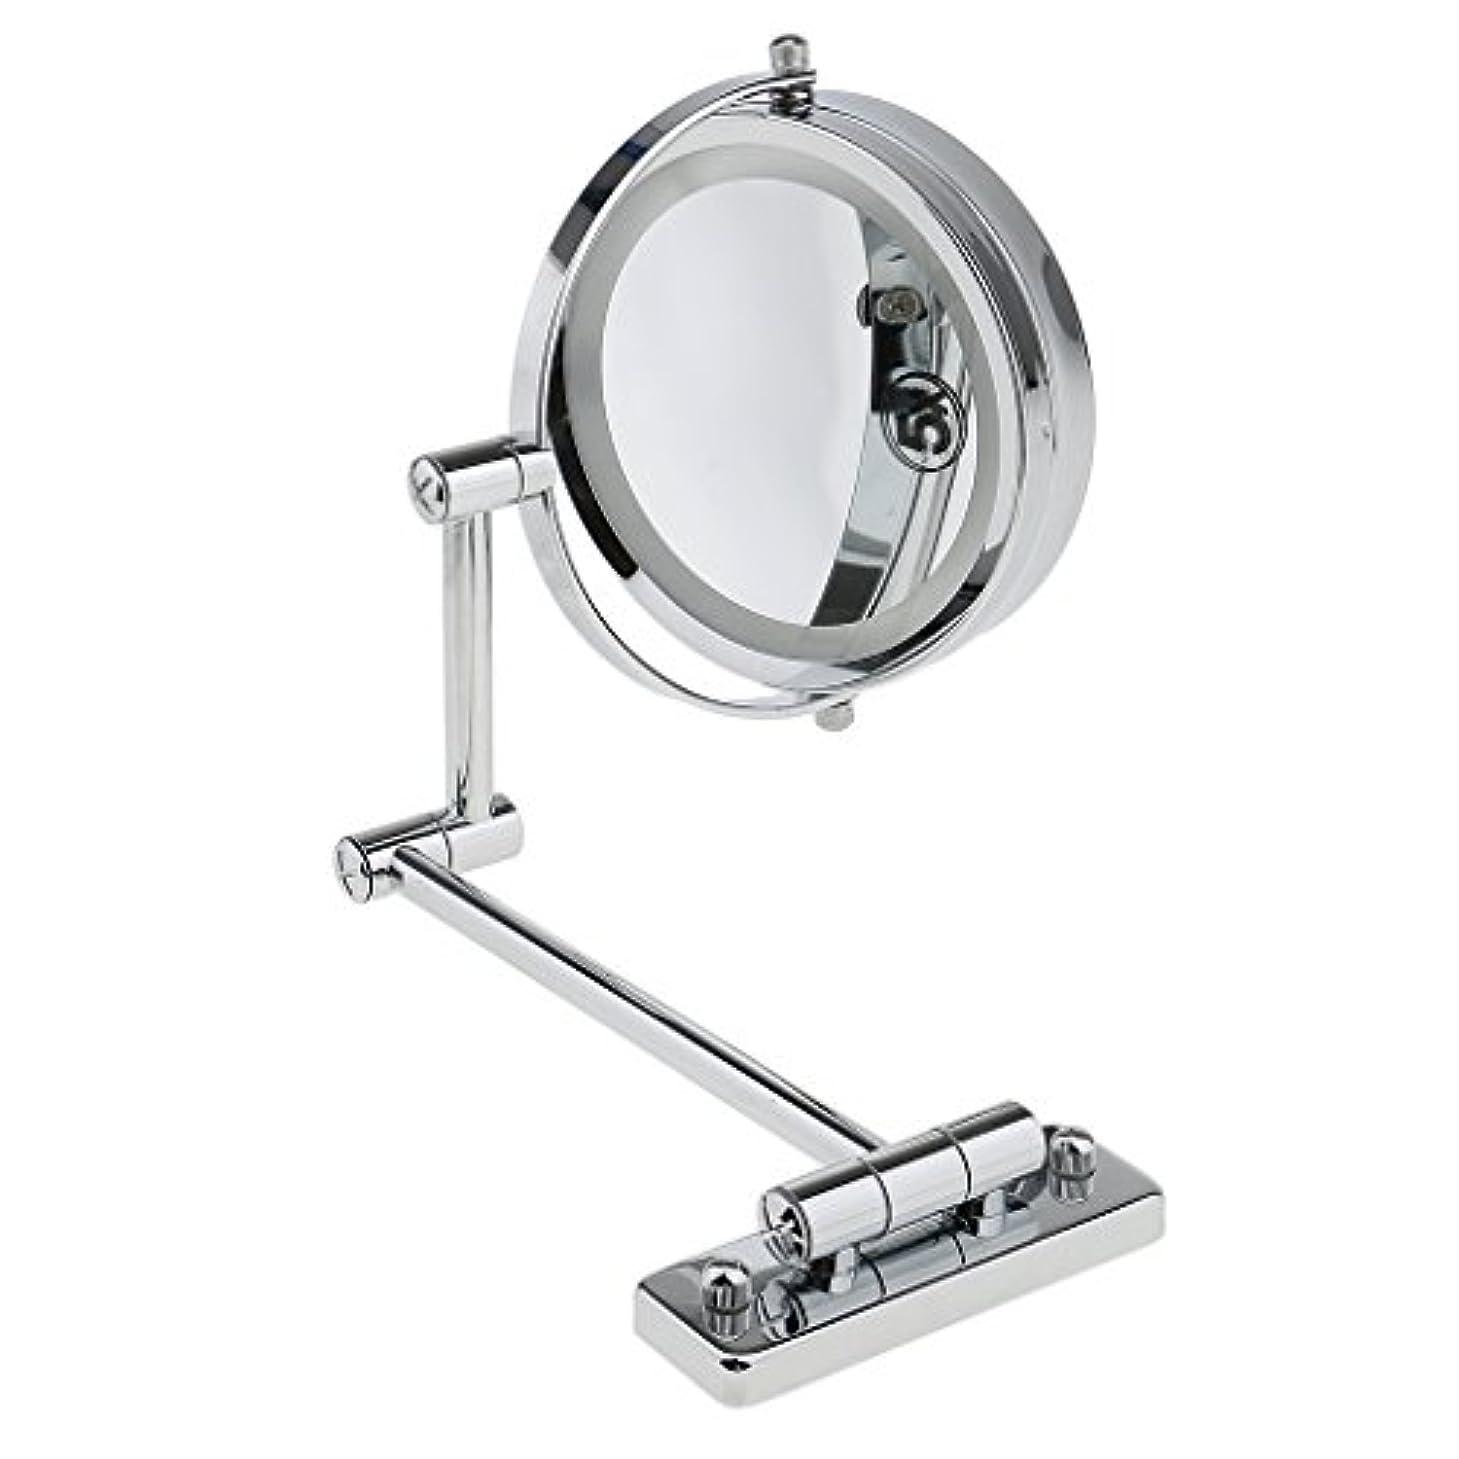 薬局毎回文法KOZEEY SMDライト 両面ミラー 壁掛け式 5倍拡大鏡 360度回転 エチケットチェック